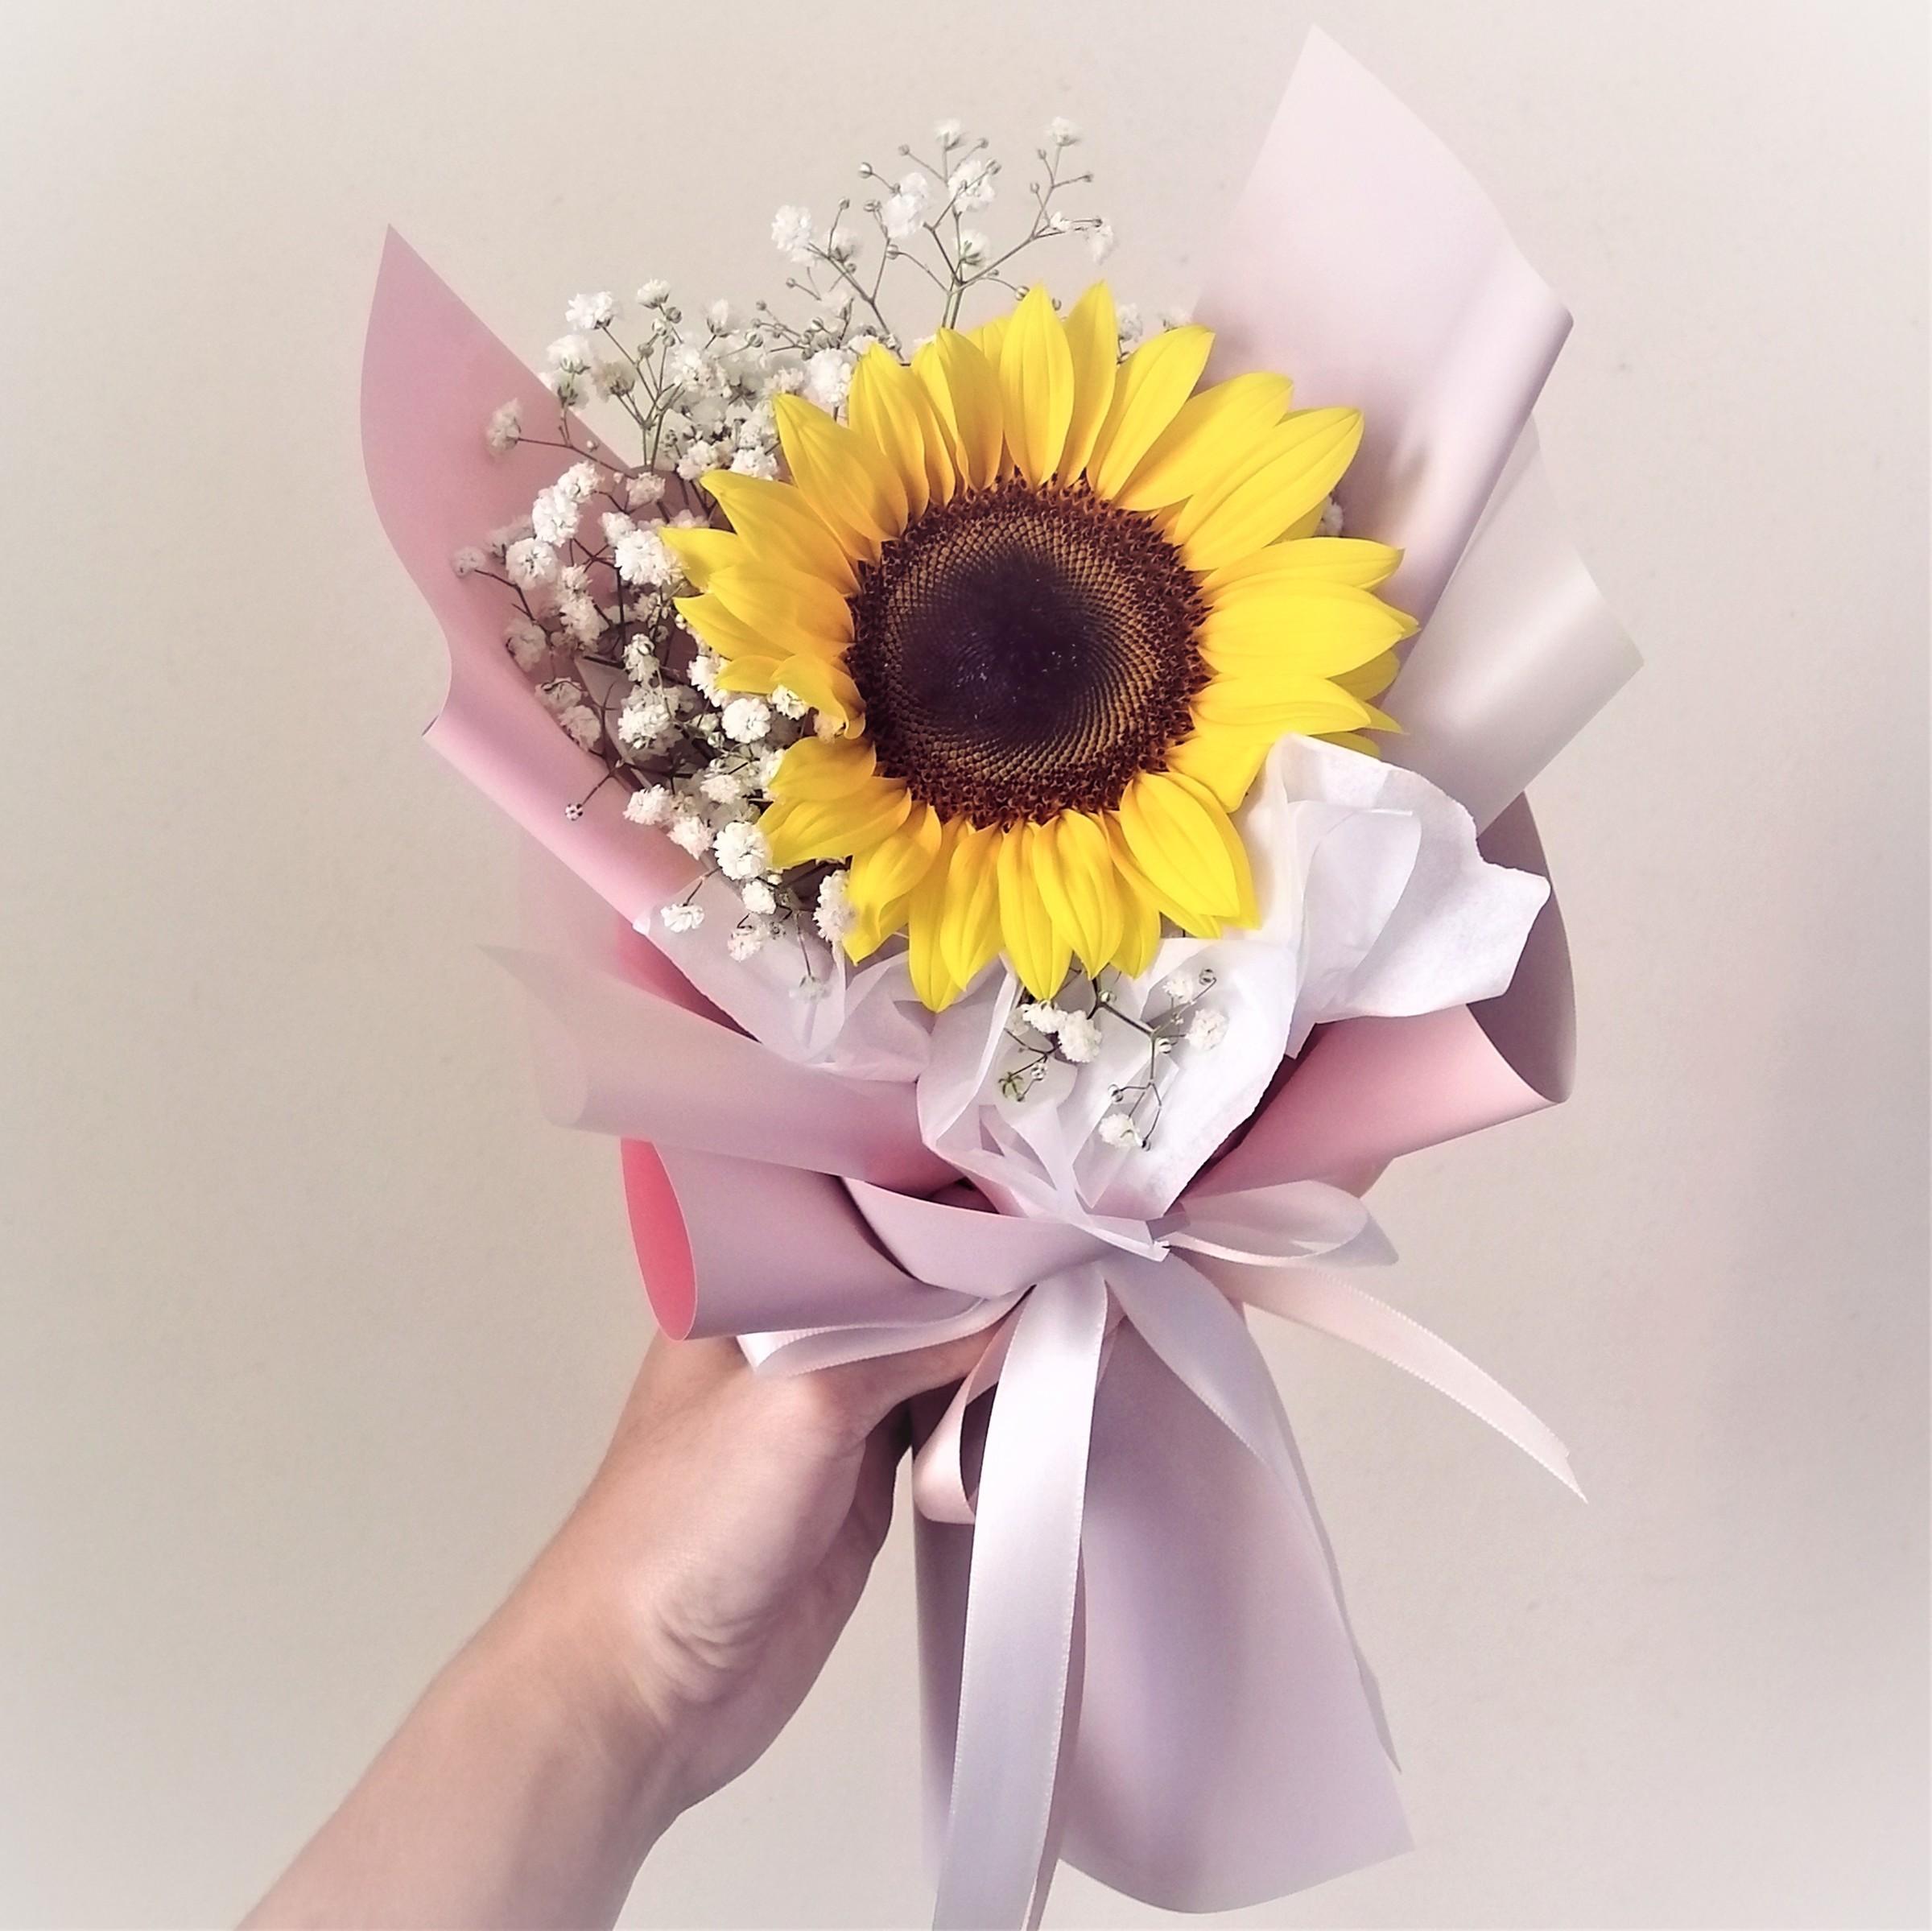 flower delivery kl 3e.jpeg